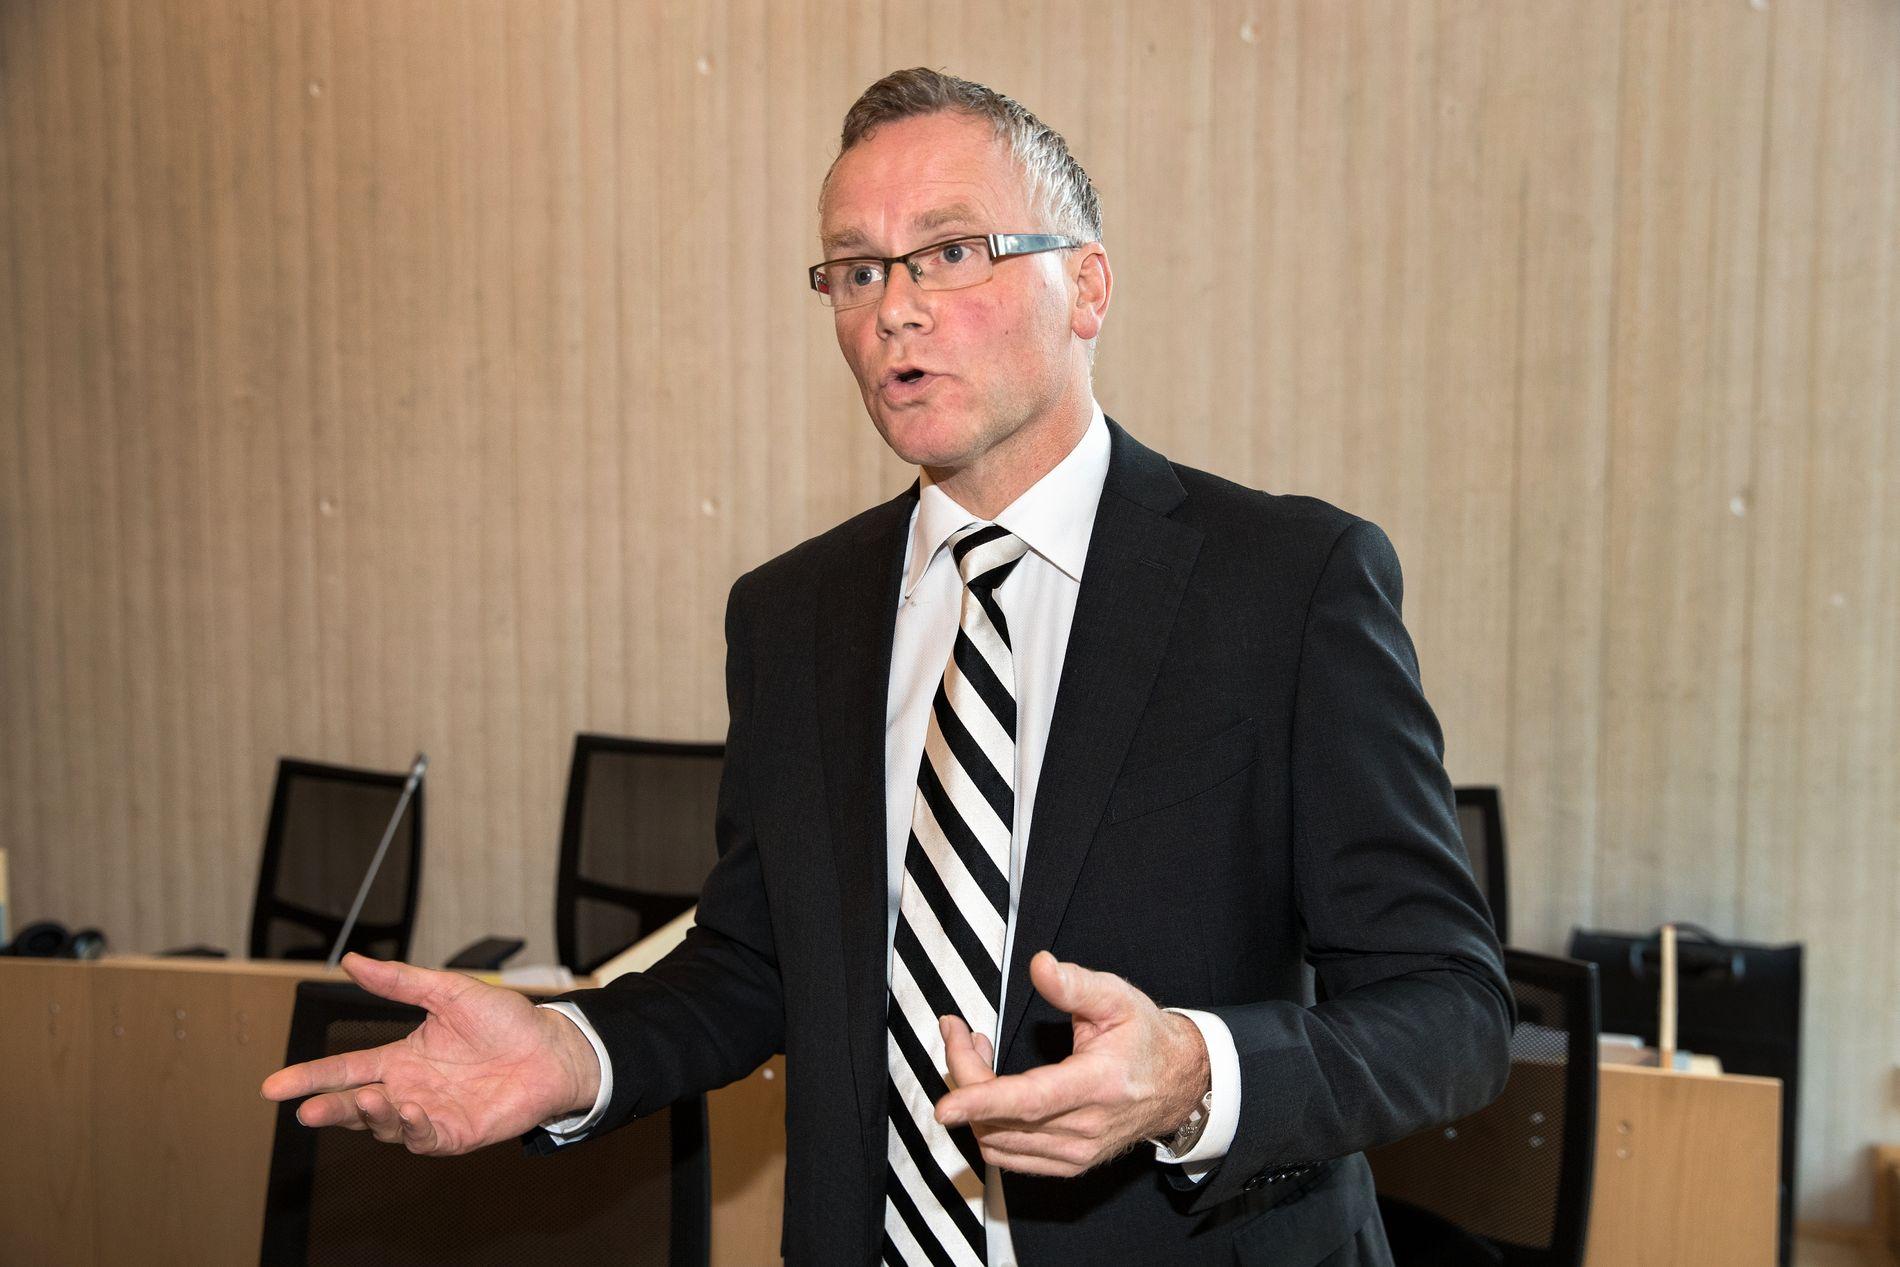 SKREV NOTAT: Førstestatsadvokat Eirik Stolt-Nielsen bekrefter at utvelgelsen av saker var tema på et møte med seksjonen for bekjempelse av organisert kriminalitet i fjor høst.